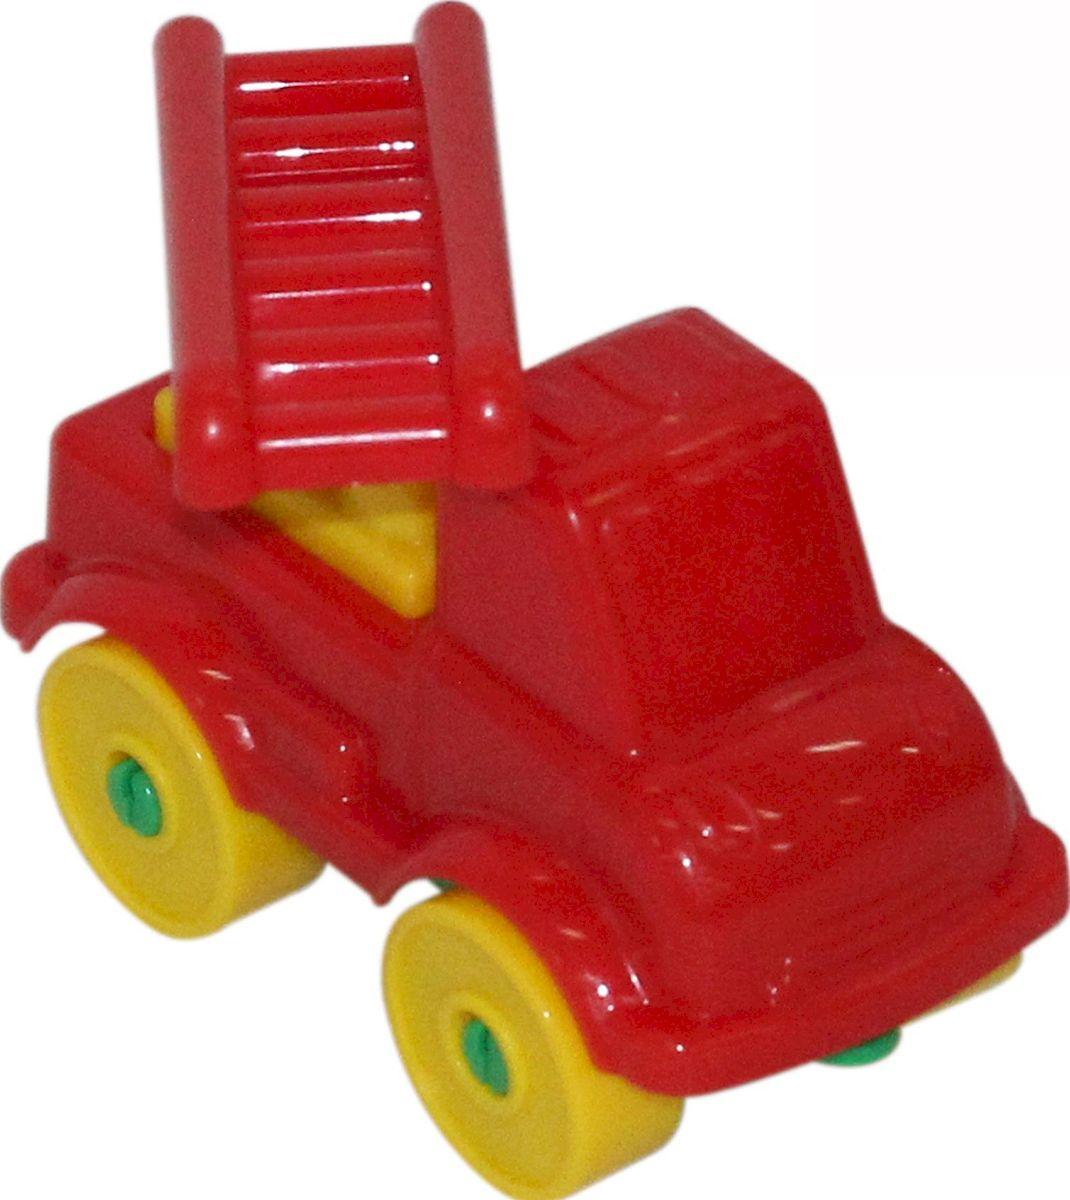 Полесье Конструктор Юный путешественник Пожарный автомобиль, цвет в ассортименте конструктор полесье юный путешественник вертолёт 11 дет 55361